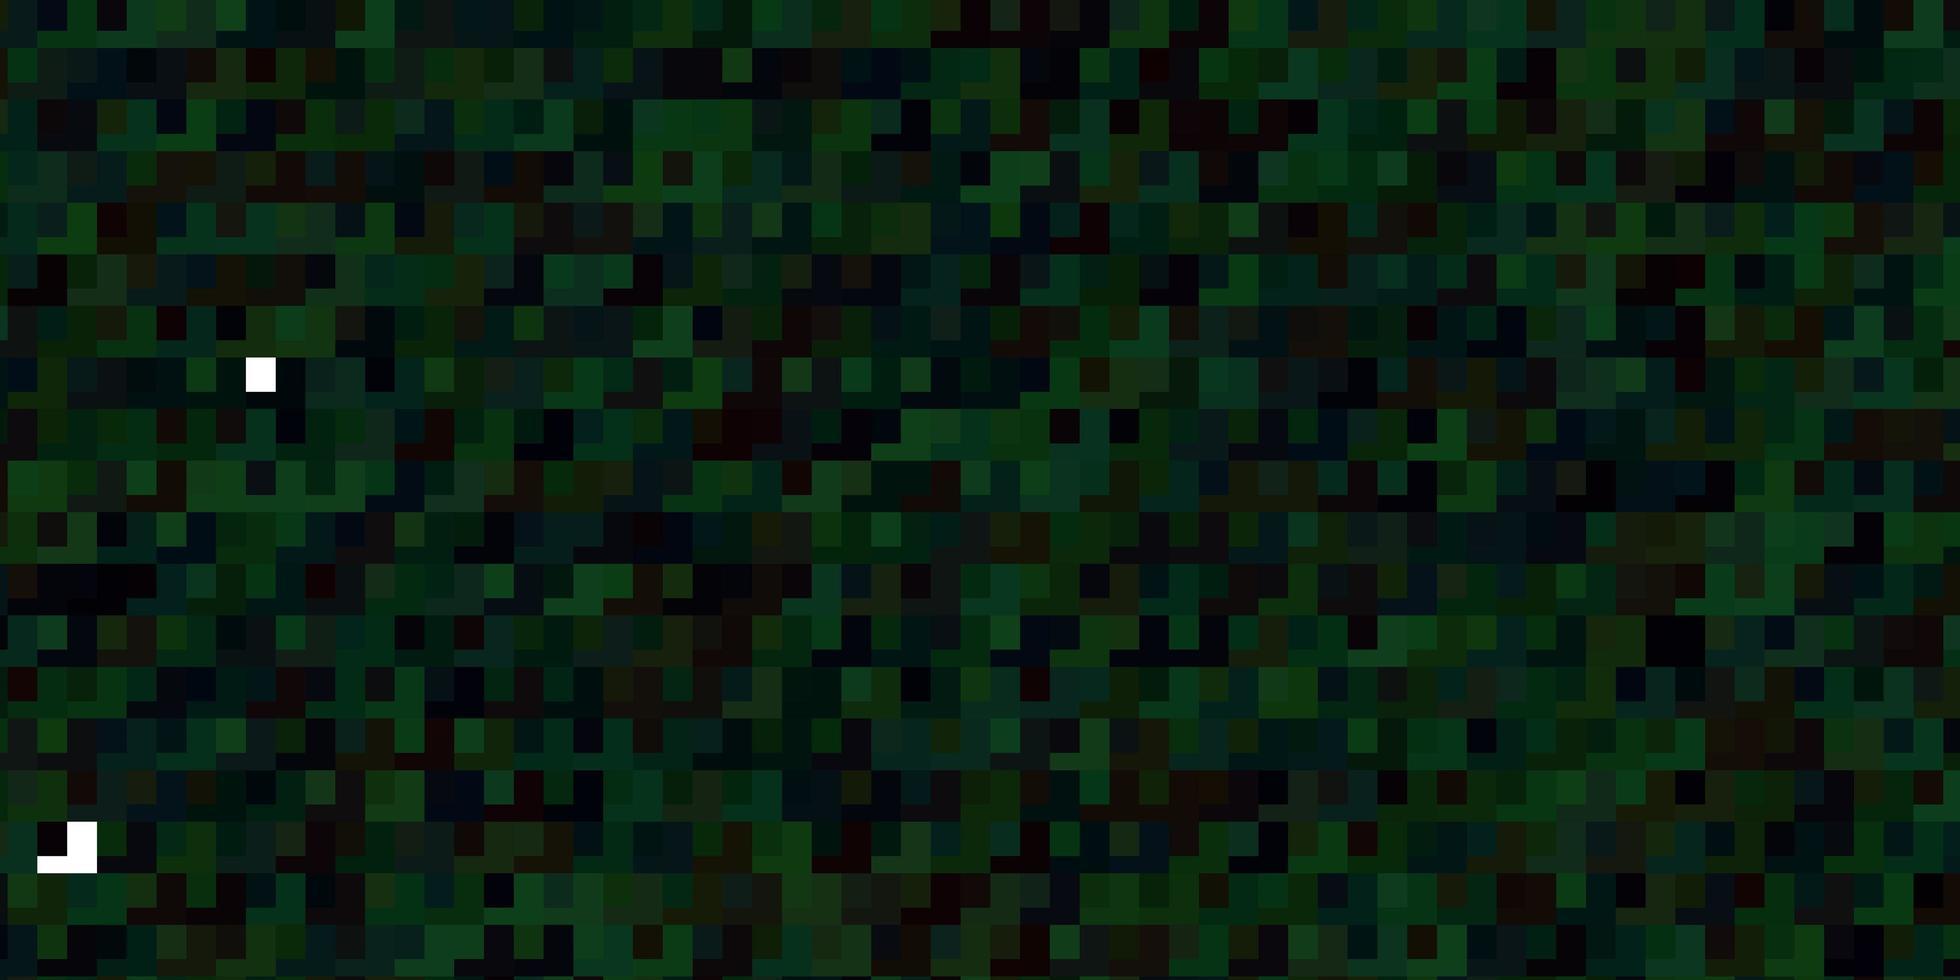 grön bakgrund i polygonal stil. vektor